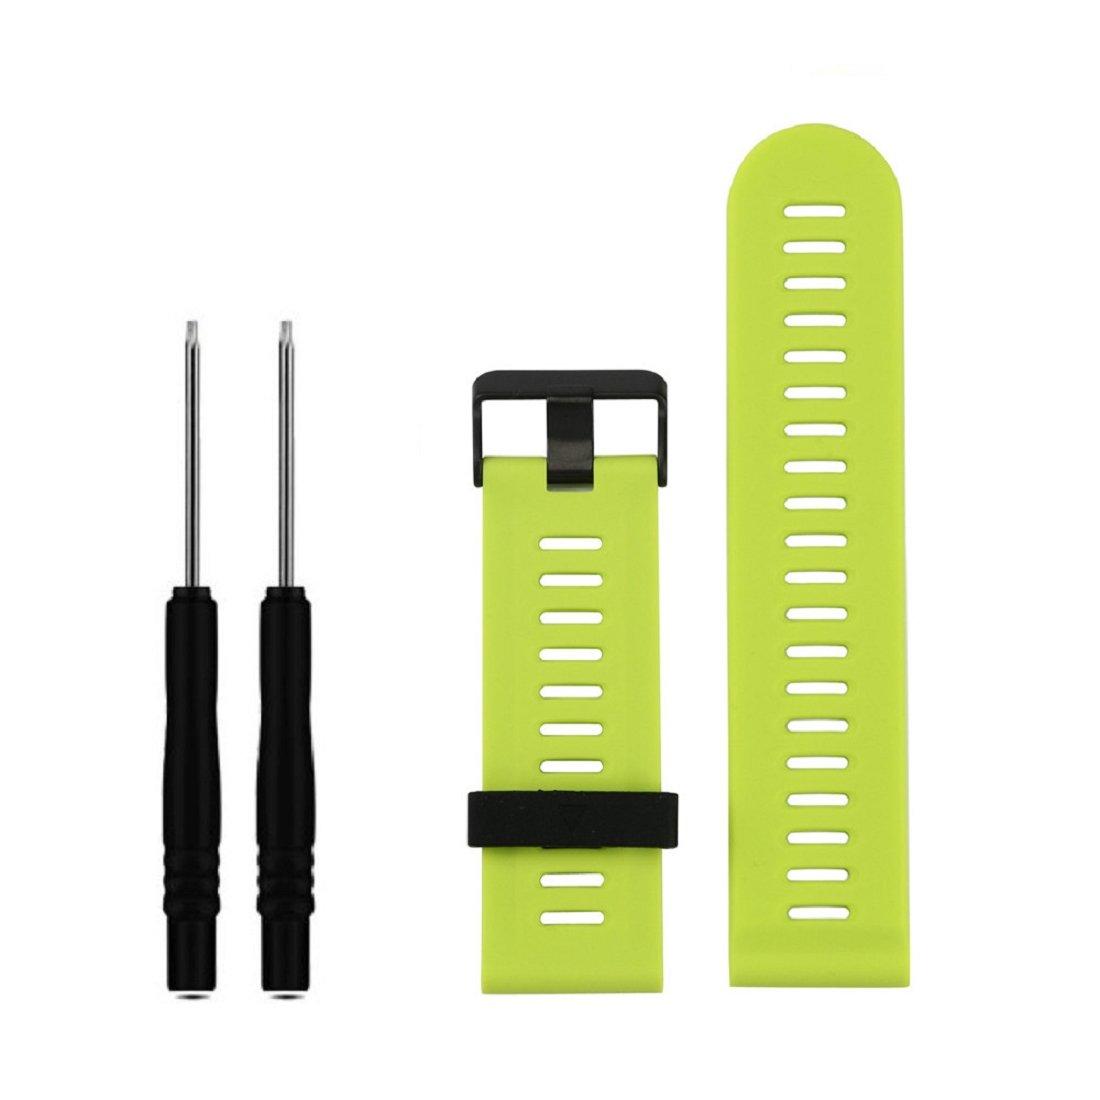 Para Garmin Fenix 3 HR,Xinan Correa de Reloj de Silicona Suave con las Herramientas (Verde): Amazon.es: Relojes